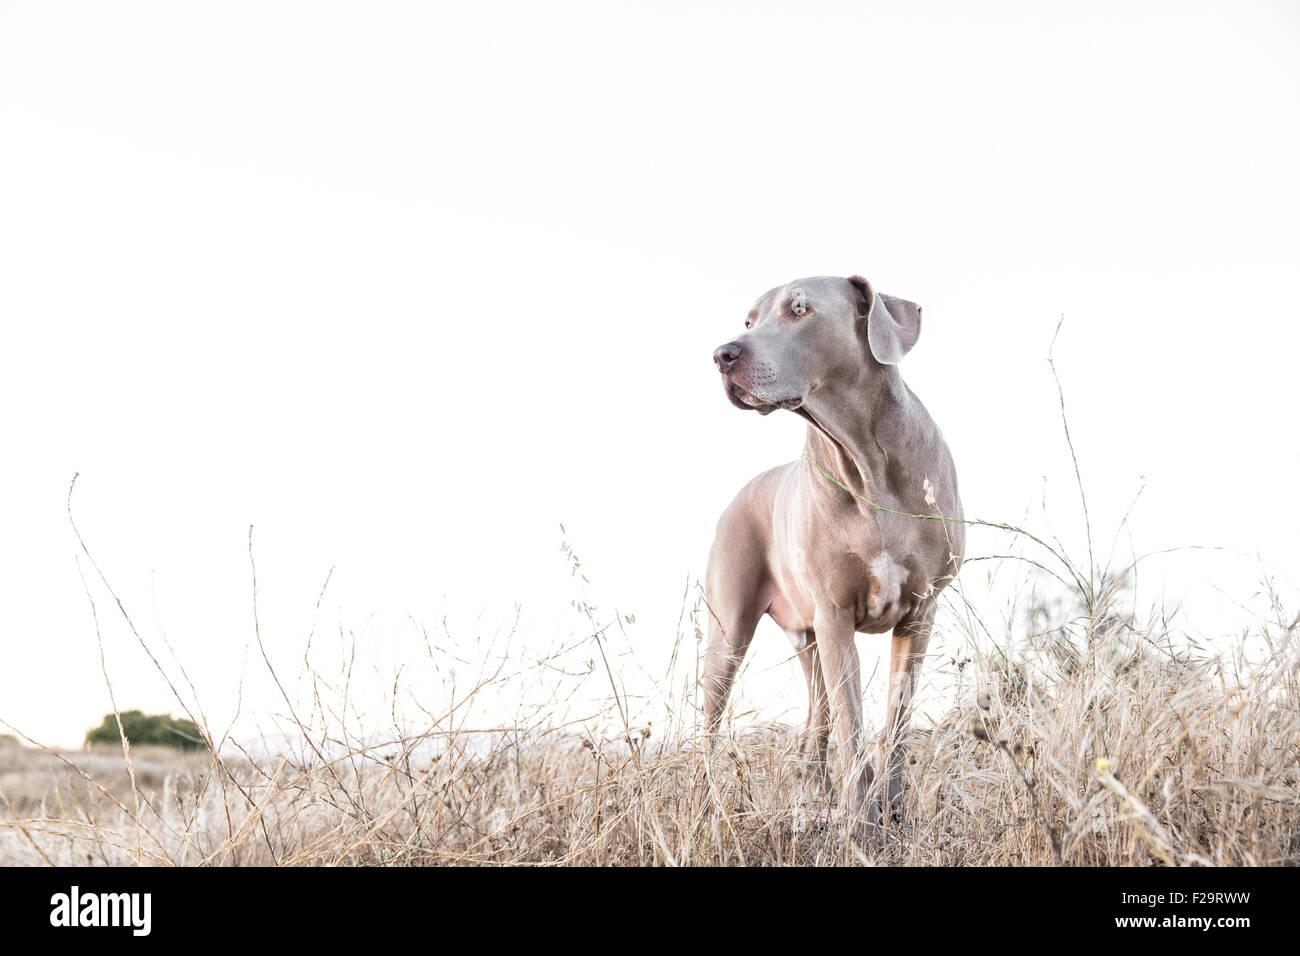 Perro Weimaraner adulto de pie frente a la cámara, mirando a la cámara izquierda en un campo estéril Imagen De Stock